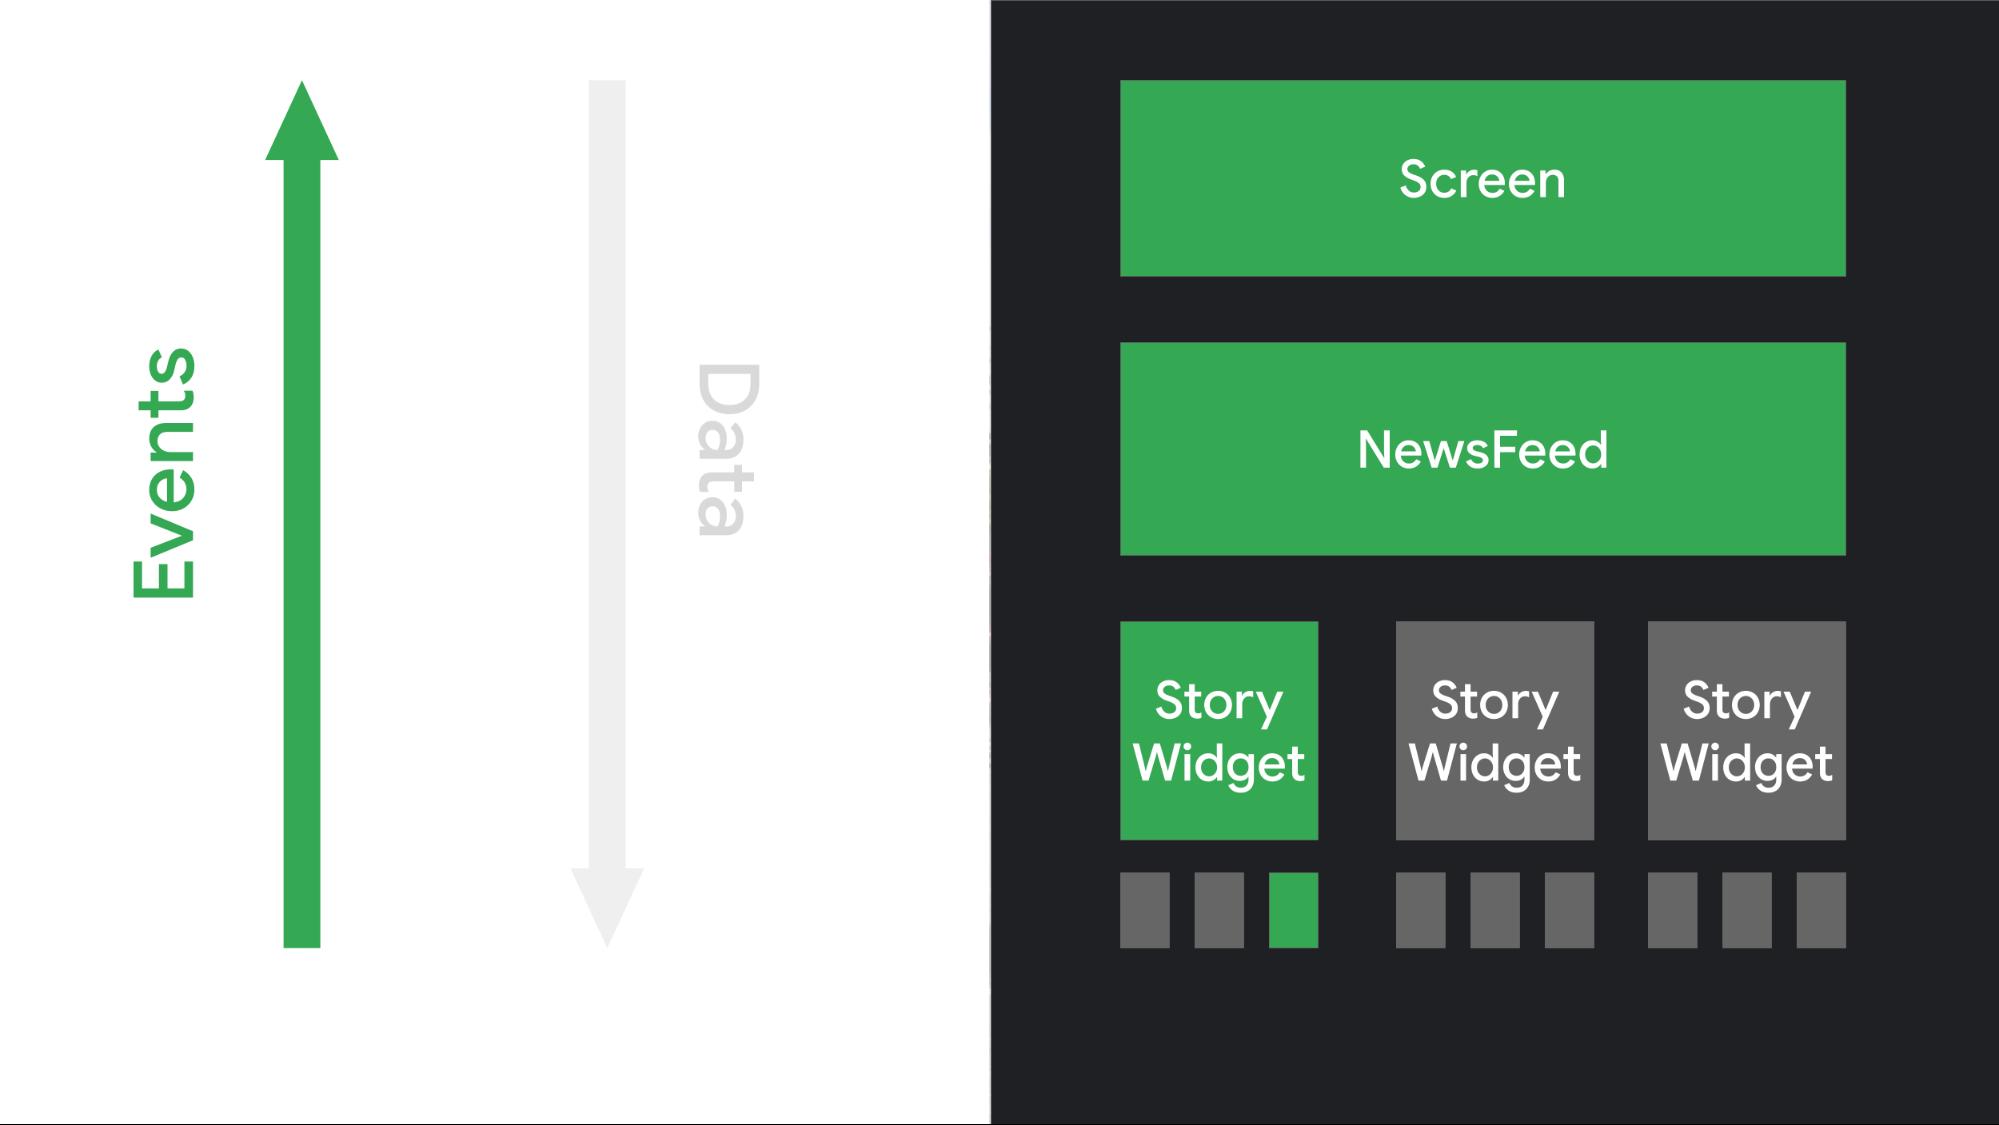 Ilustración de cómo responden los elementos de la IU a la interacción mediante la activación de eventos controlados por la lógica de la app.